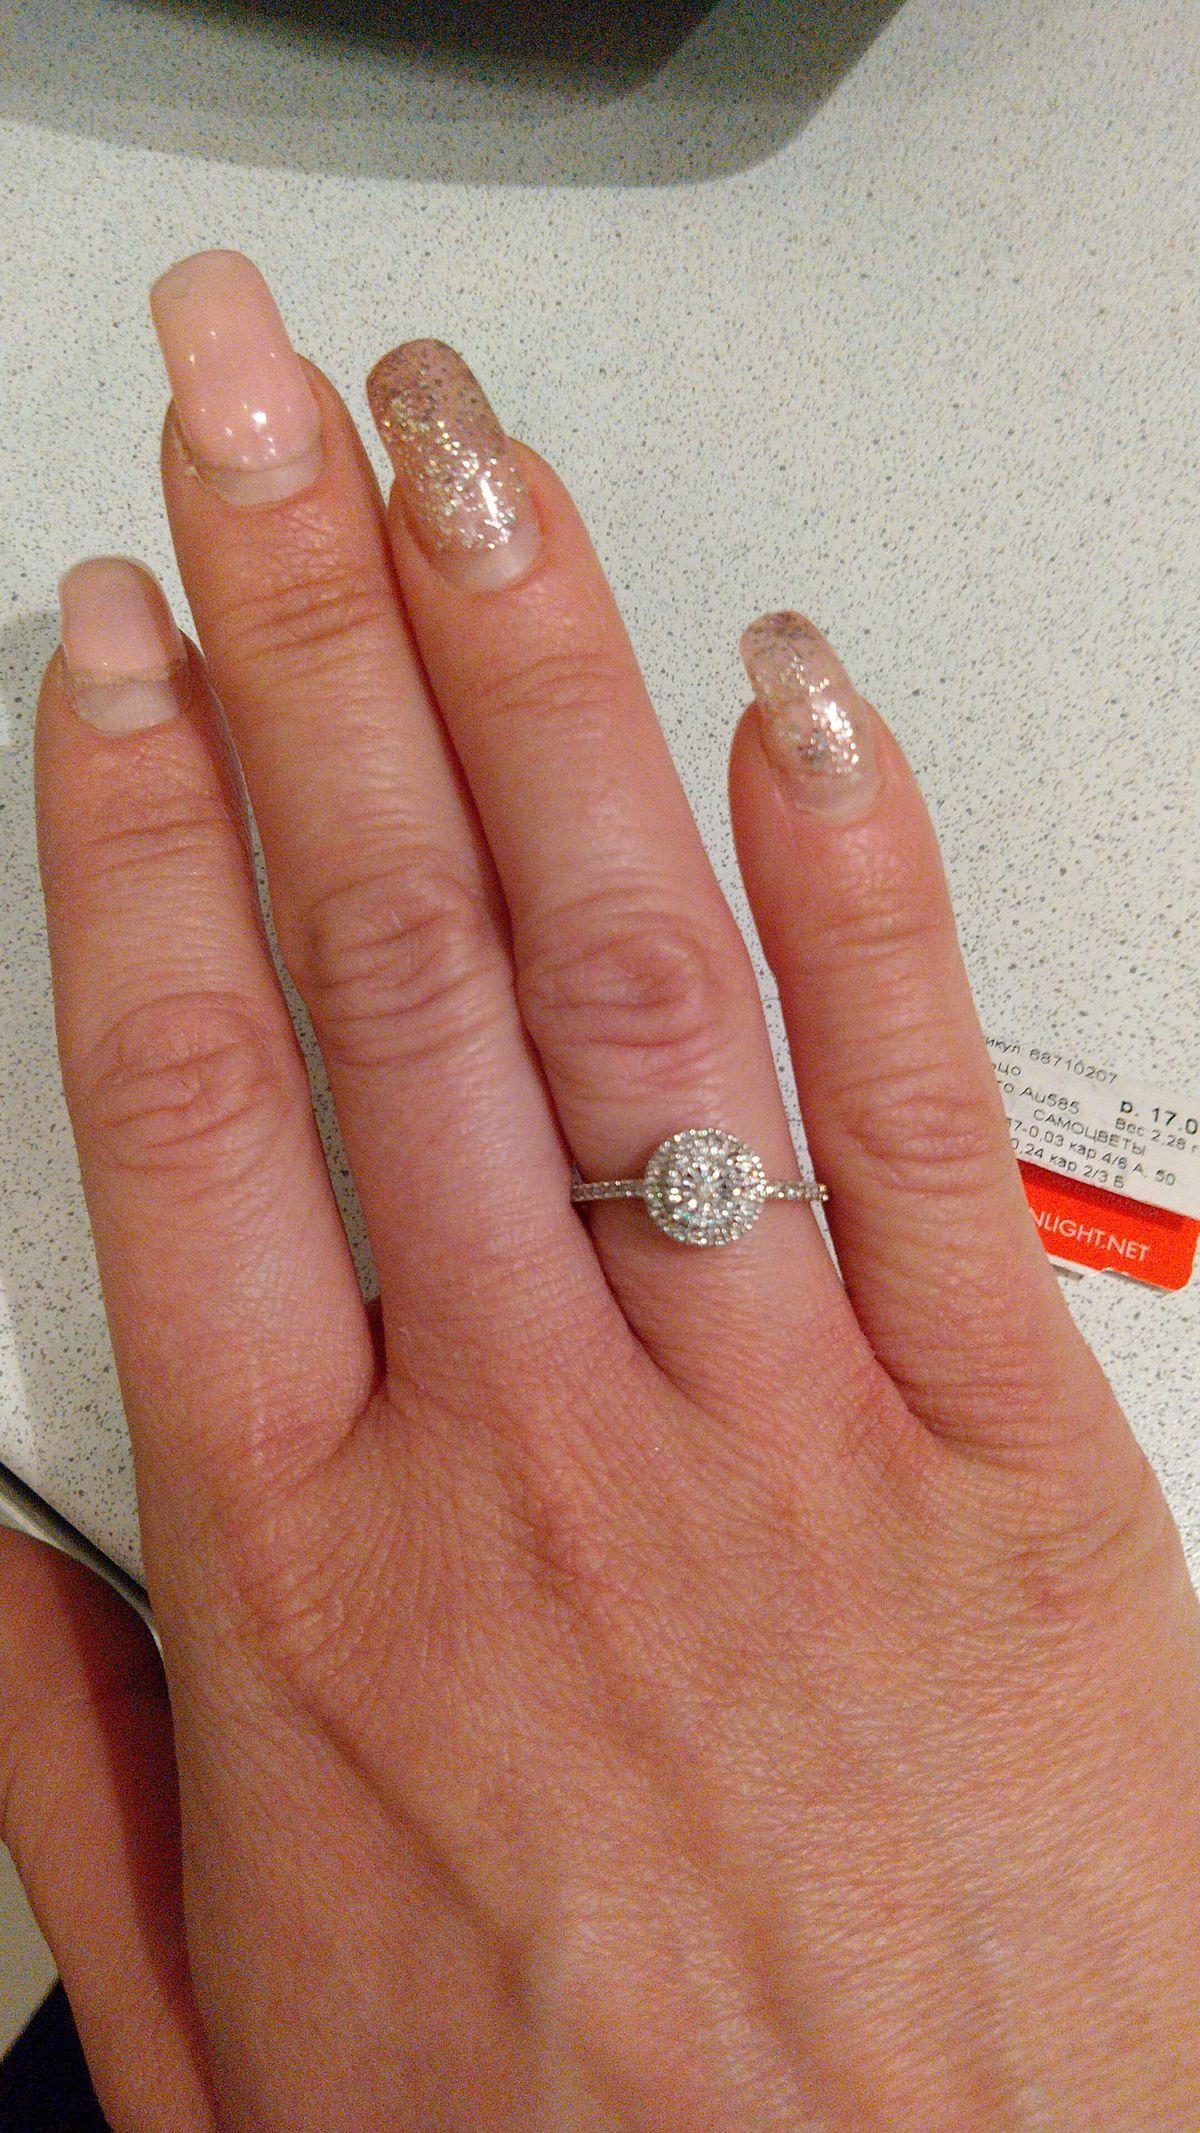 Сказочное 💃 золотое кольцо с бриллиантами